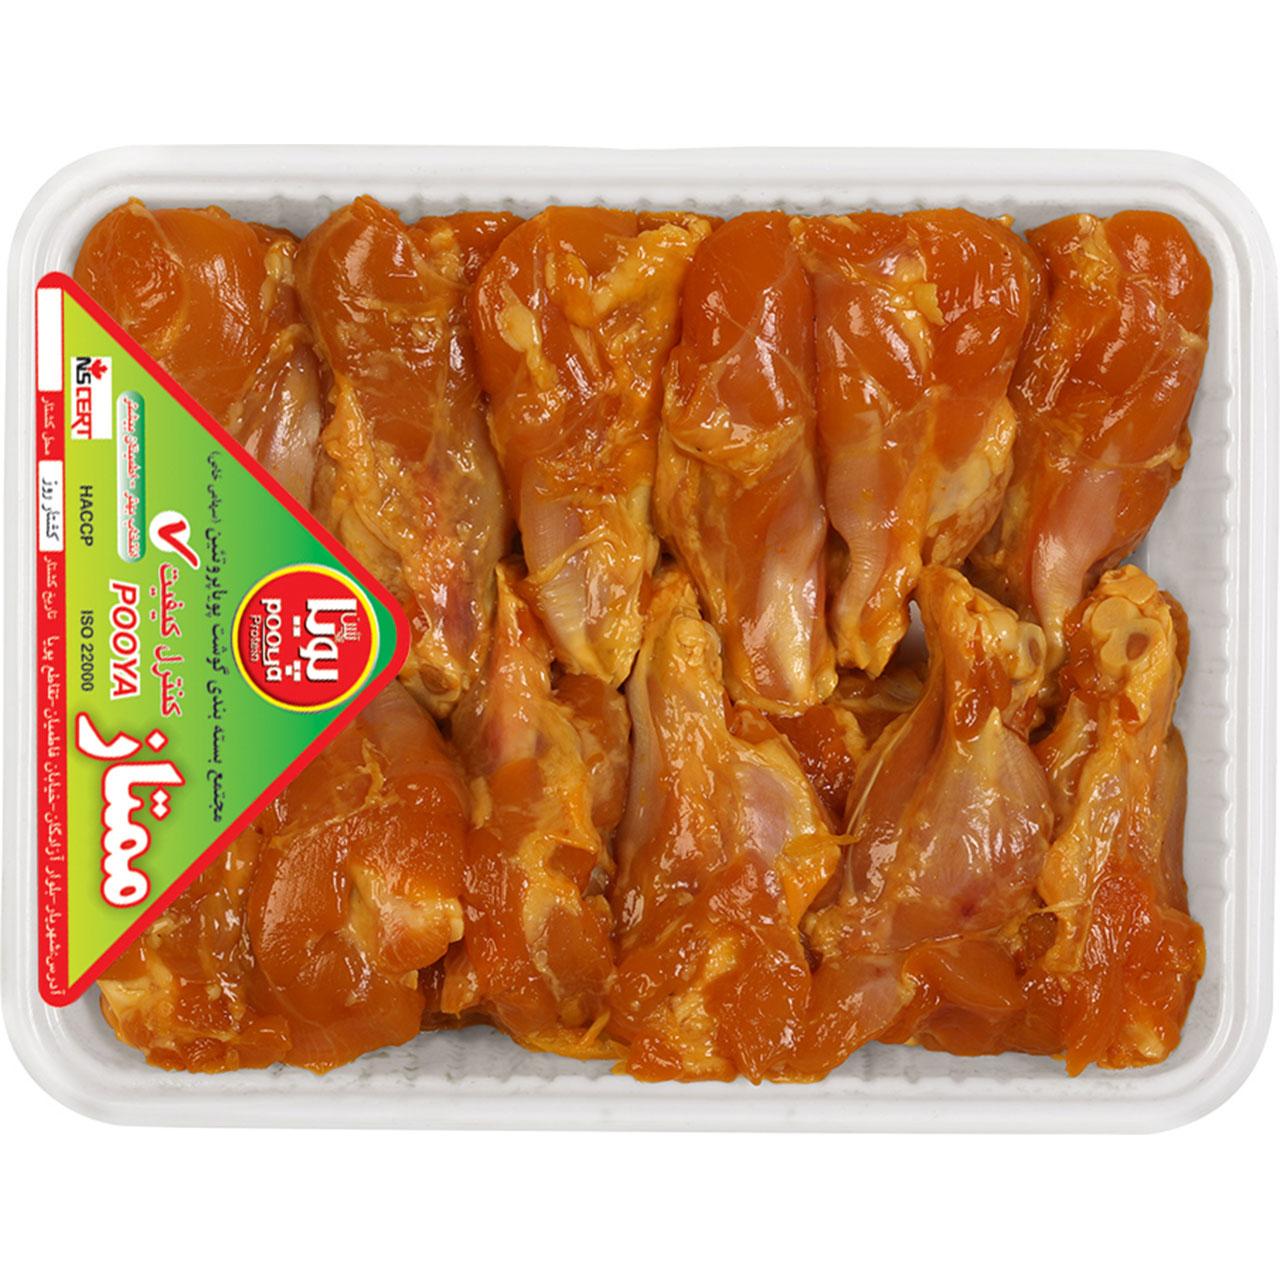 بازو کبابی مرغ پویا پروتئین - 900 گرم